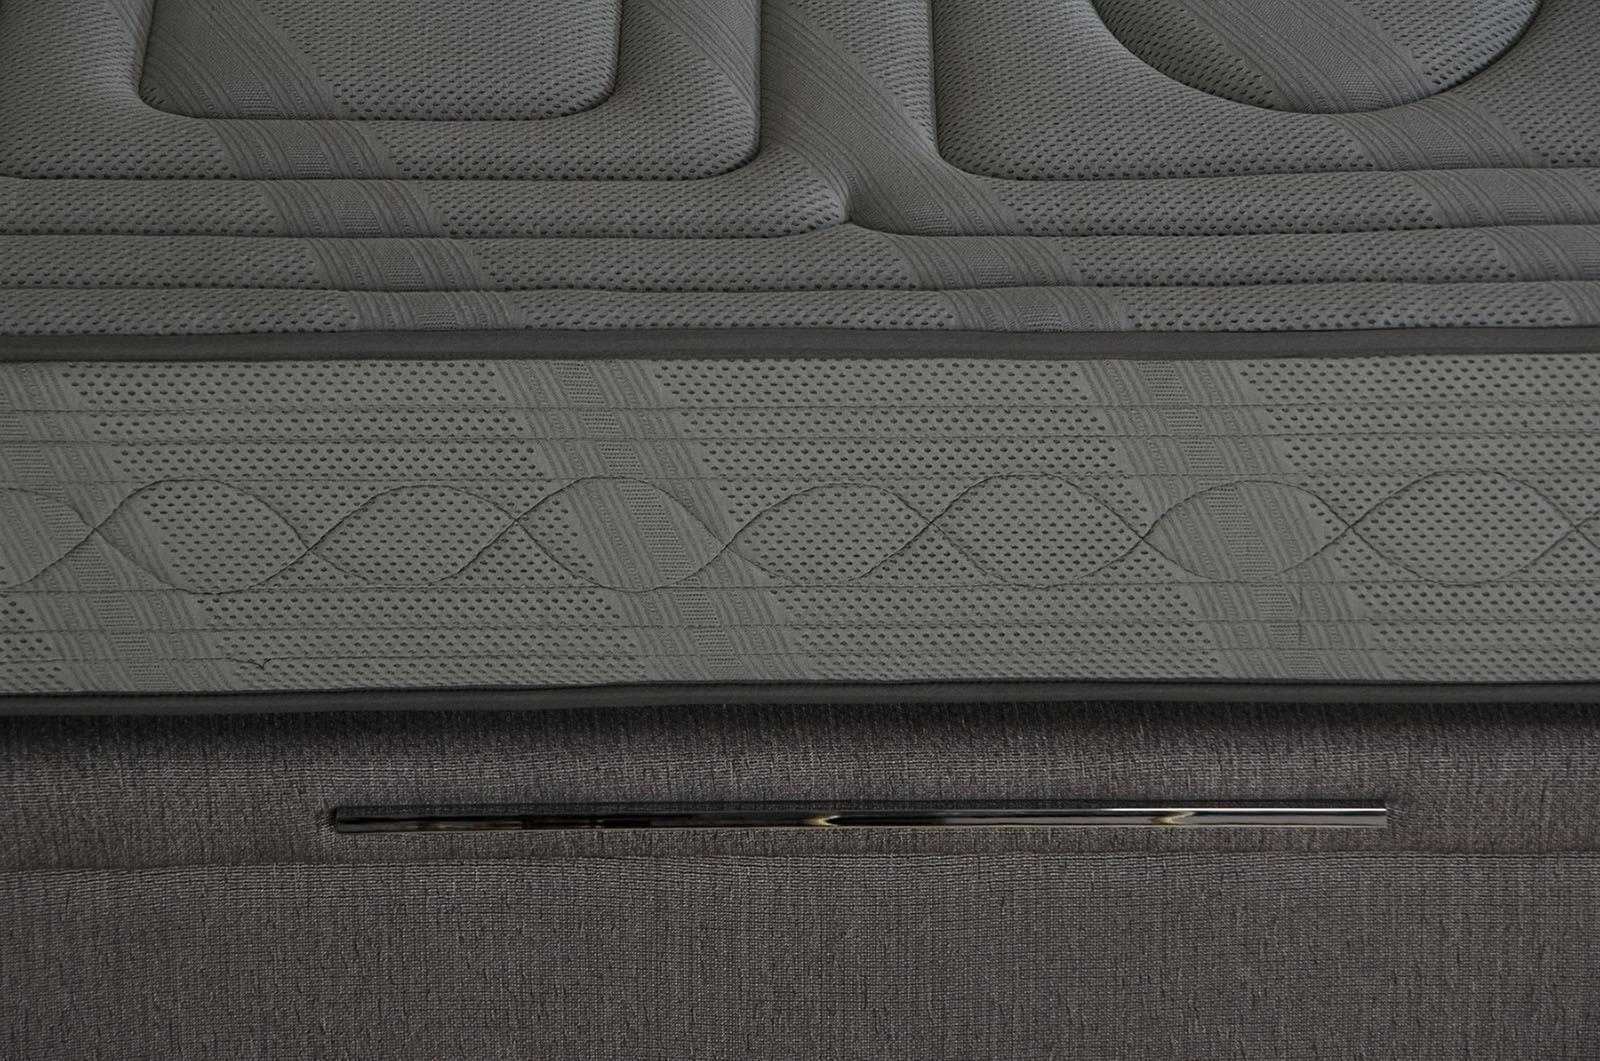 Colchon vanua 200 x 190 cm latiendadecolchones com for Colchon 70 x 190